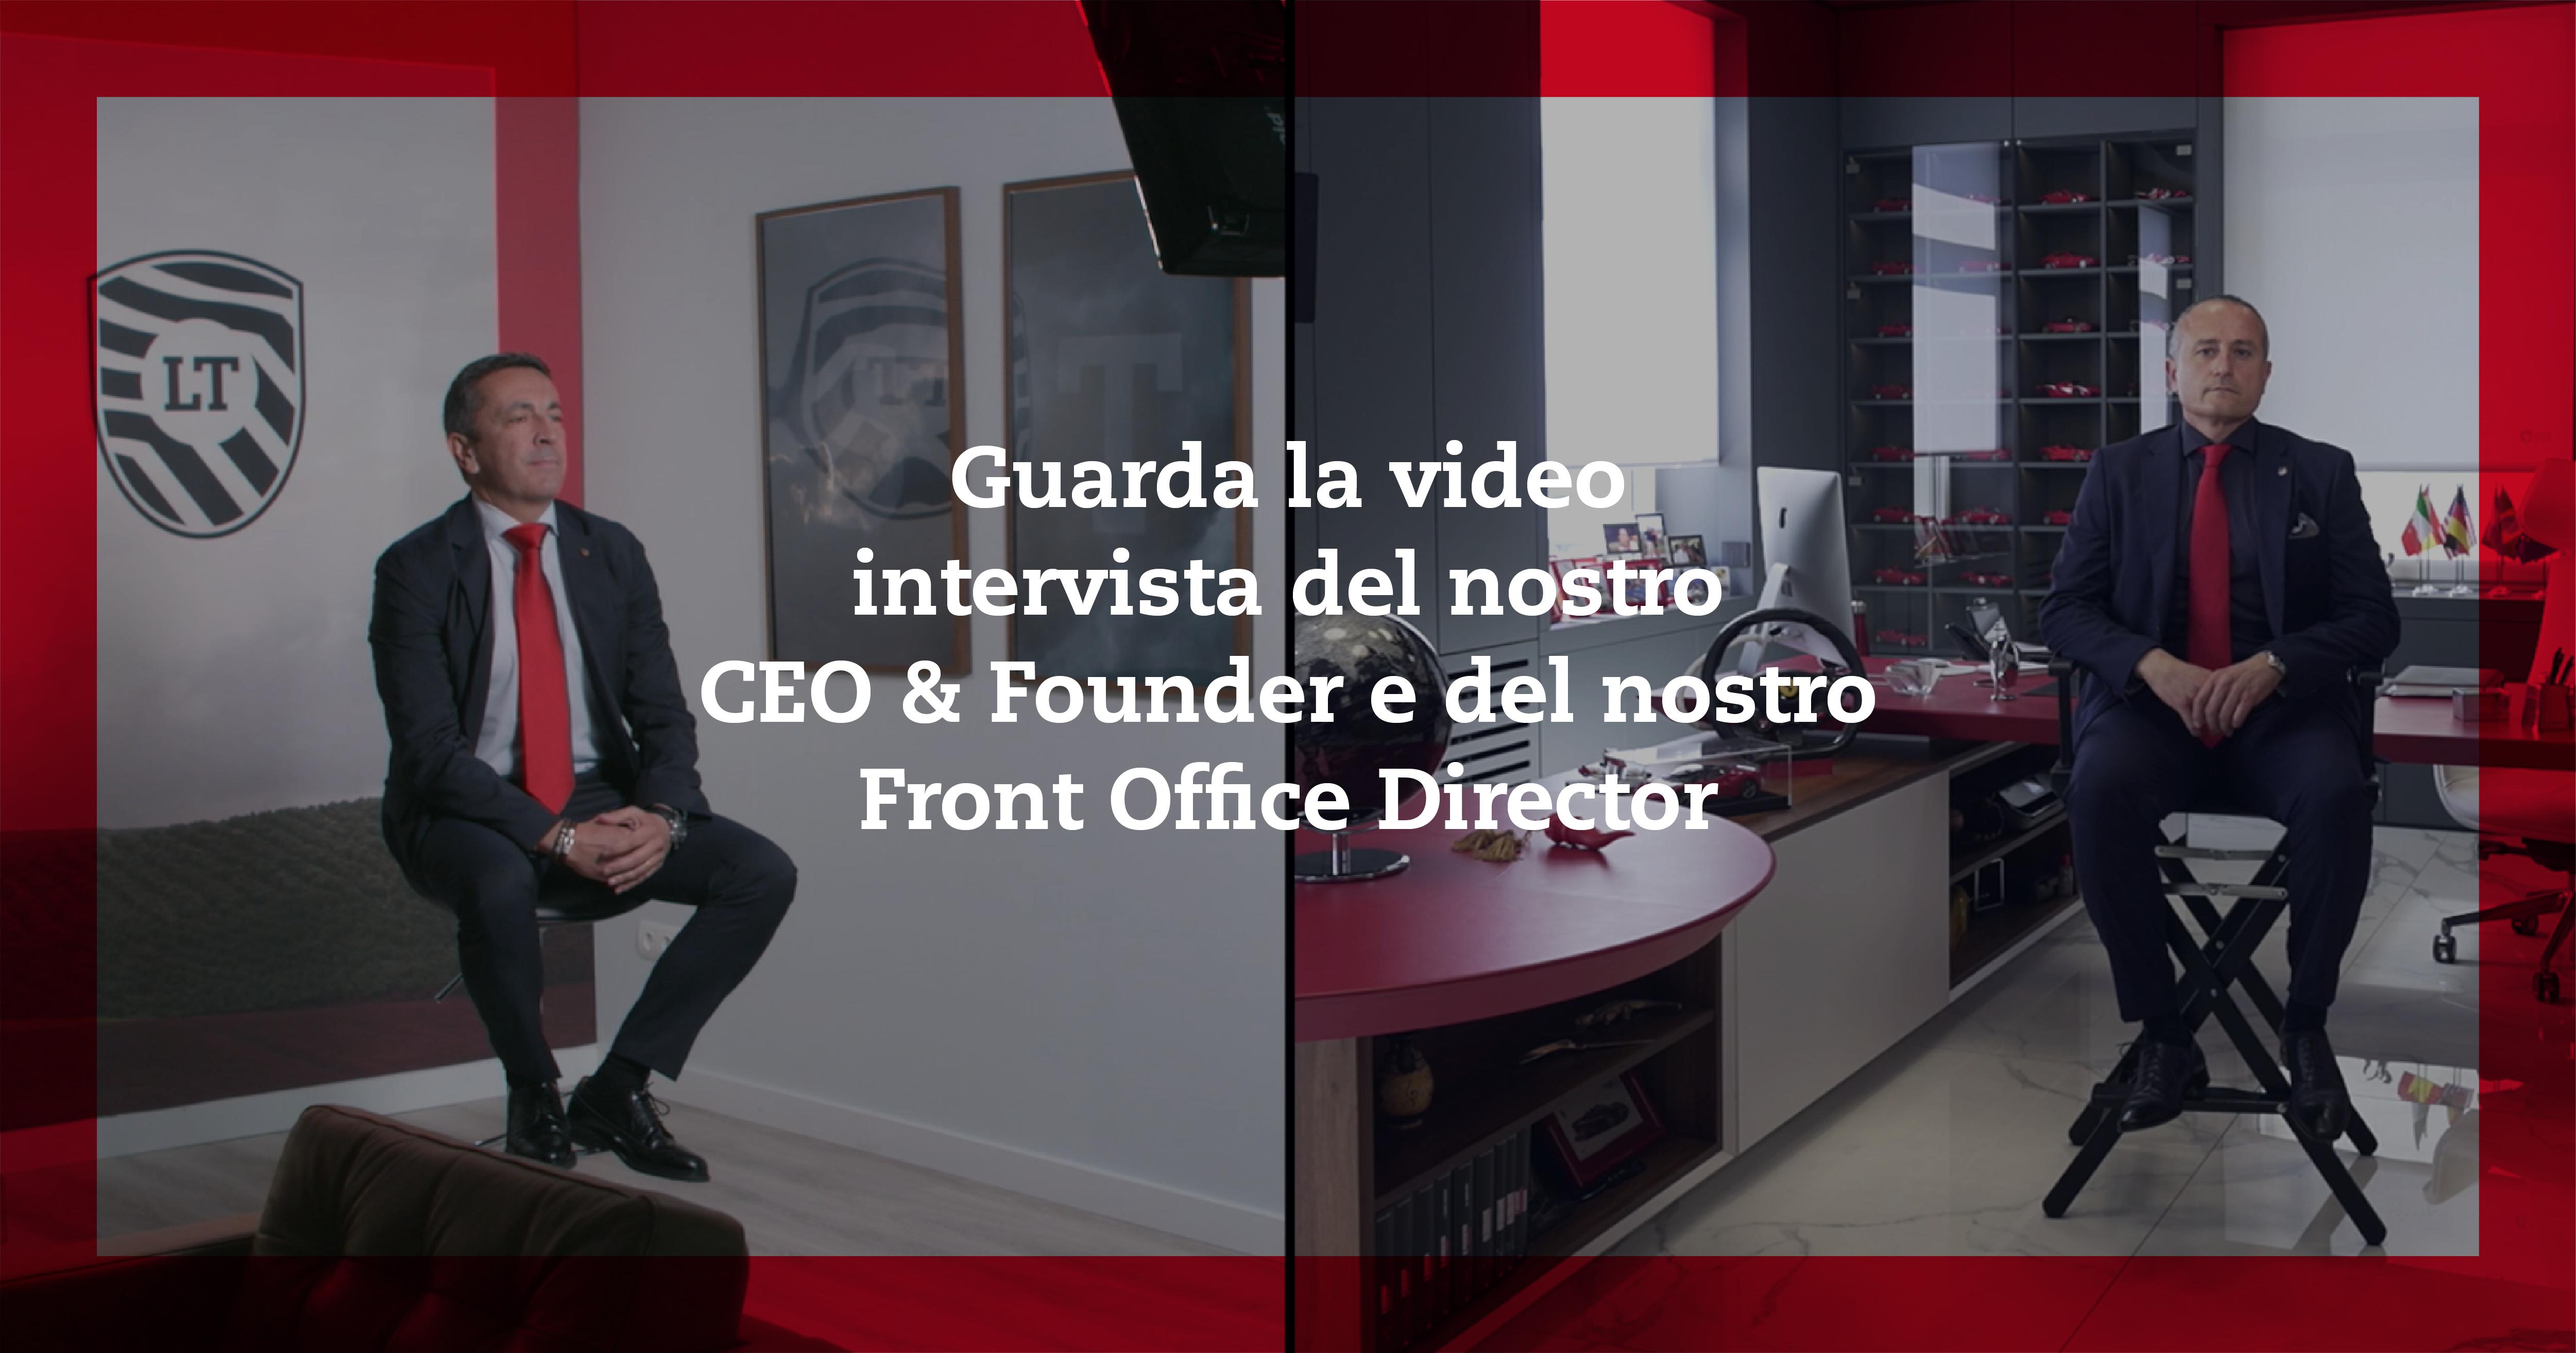 Intervista doppia: Giovanni Liccardo (CEO & Founder) e Juan Carlos Gomariz (Front Office Director)